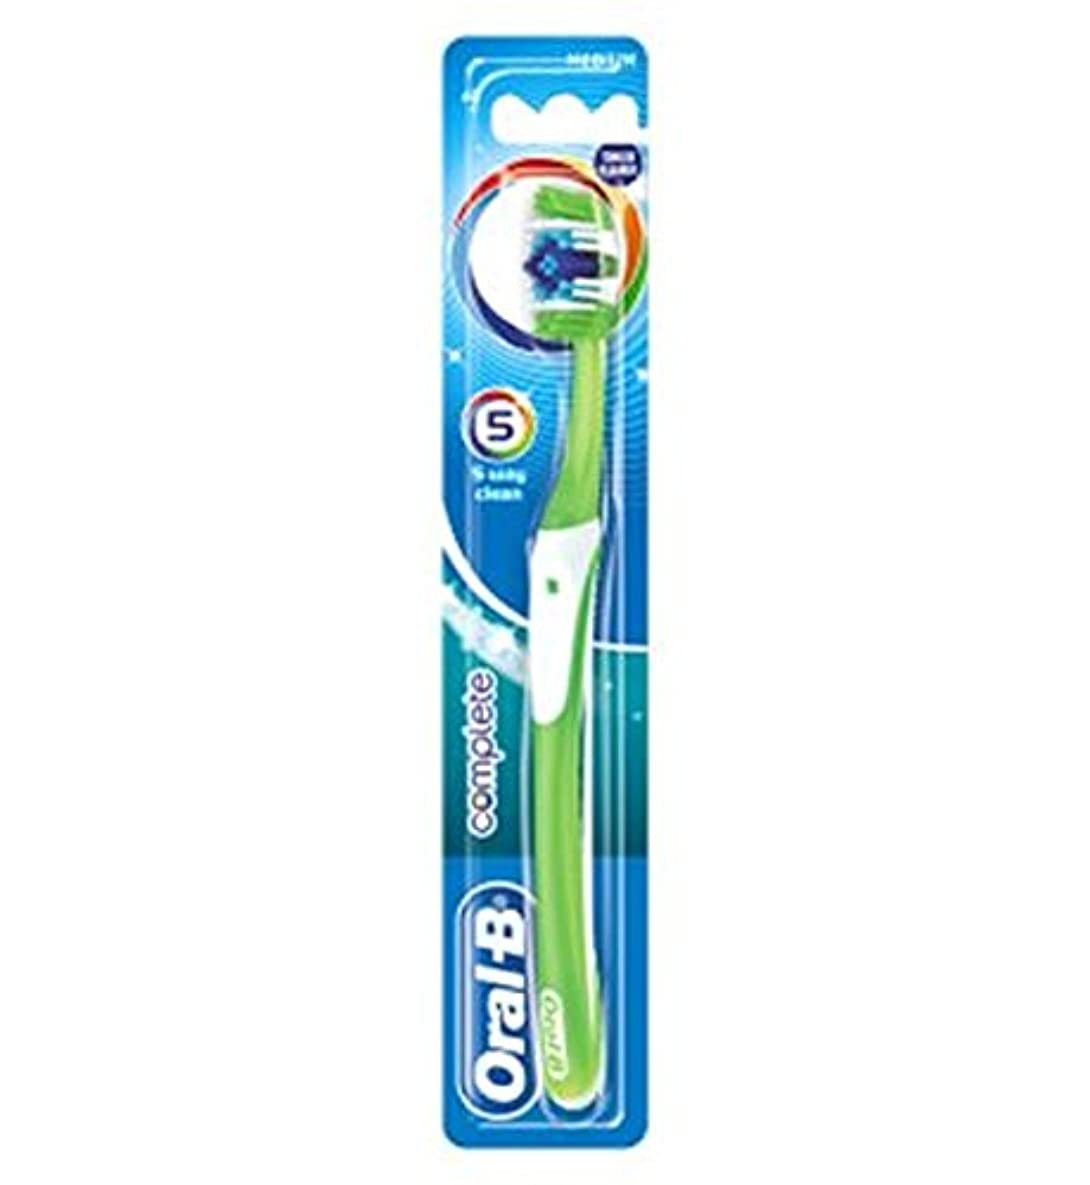 外交おいしいハリケーンOral-B Complete 5 Way Clean Medium Manual Toothbrush - オーラルBの完全な5道クリーンなメディアの手動歯ブラシ (Oral B) [並行輸入品]